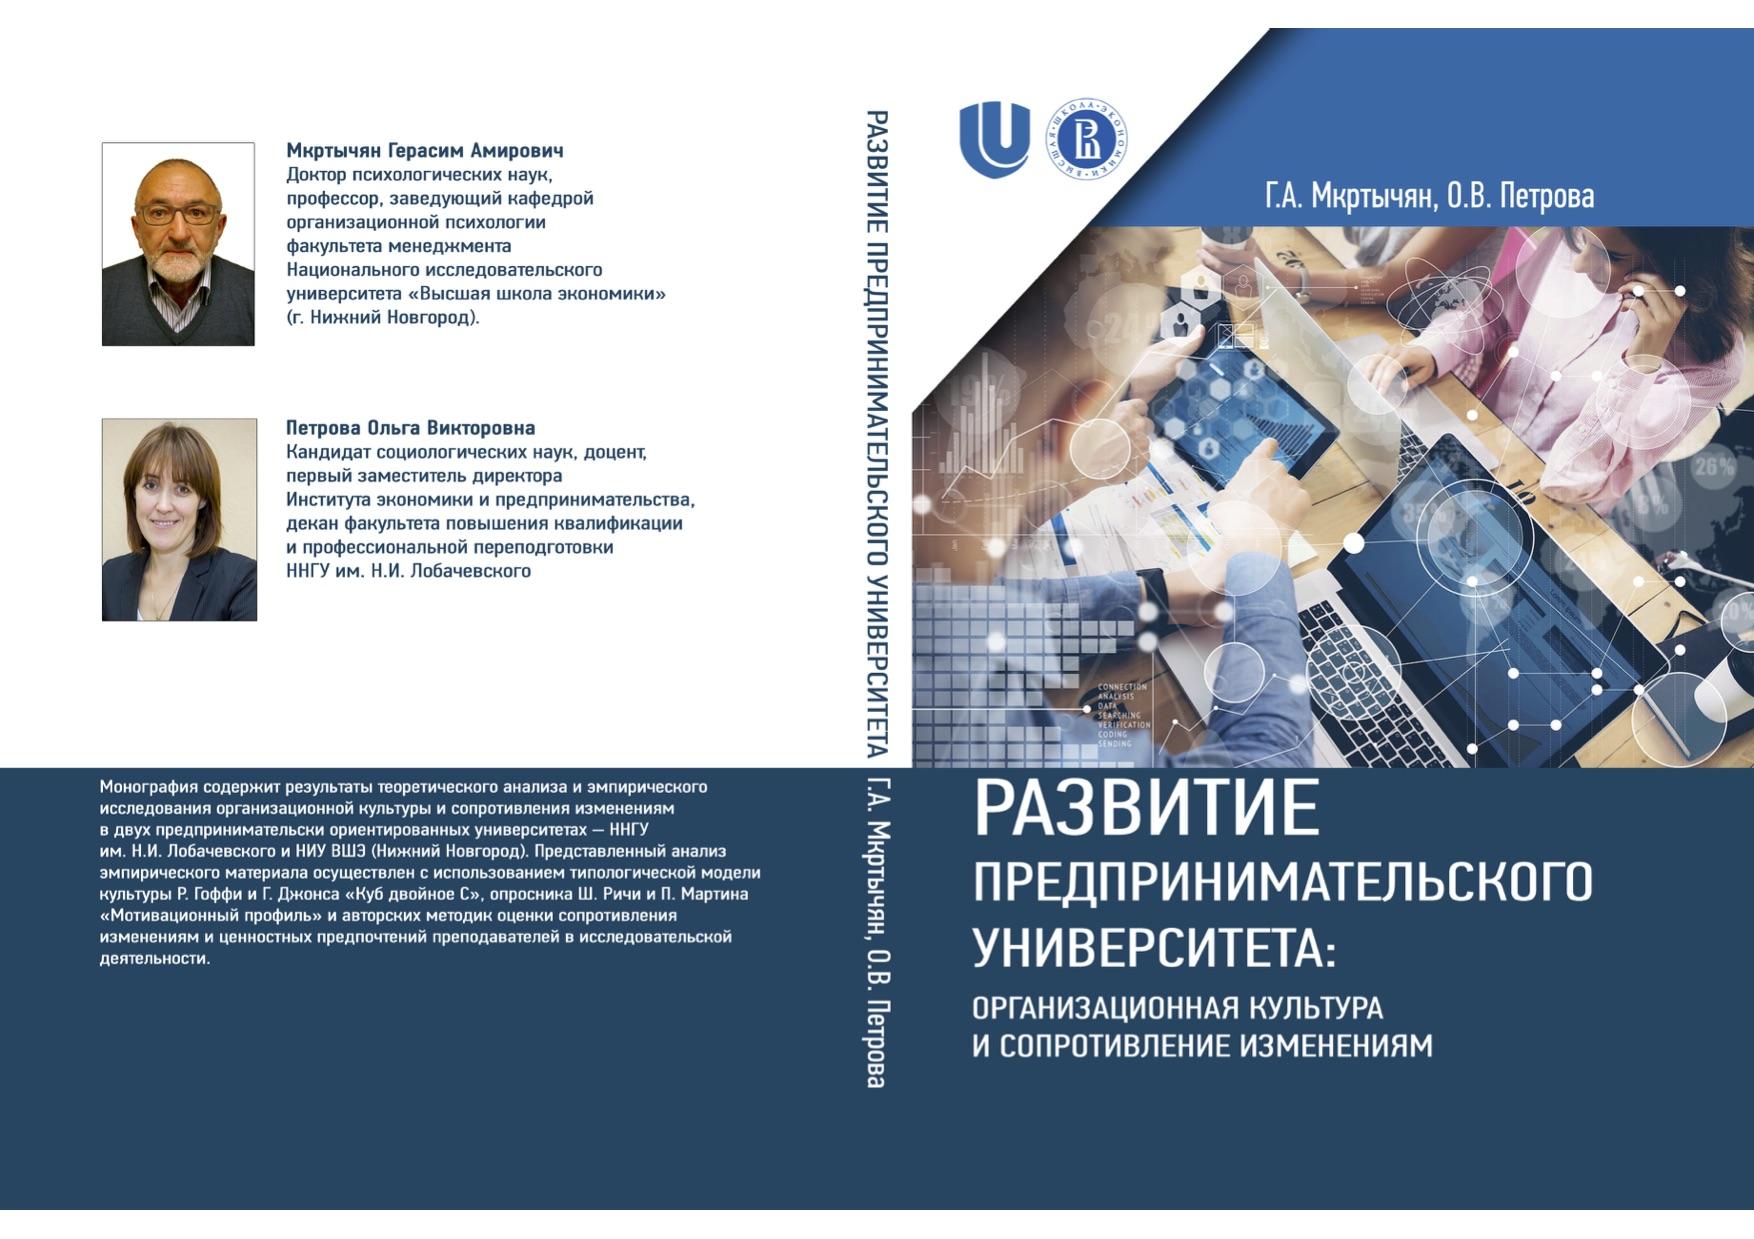 Развитие предпринимательского университета: организационная культура и сопротивление изменениям: монография